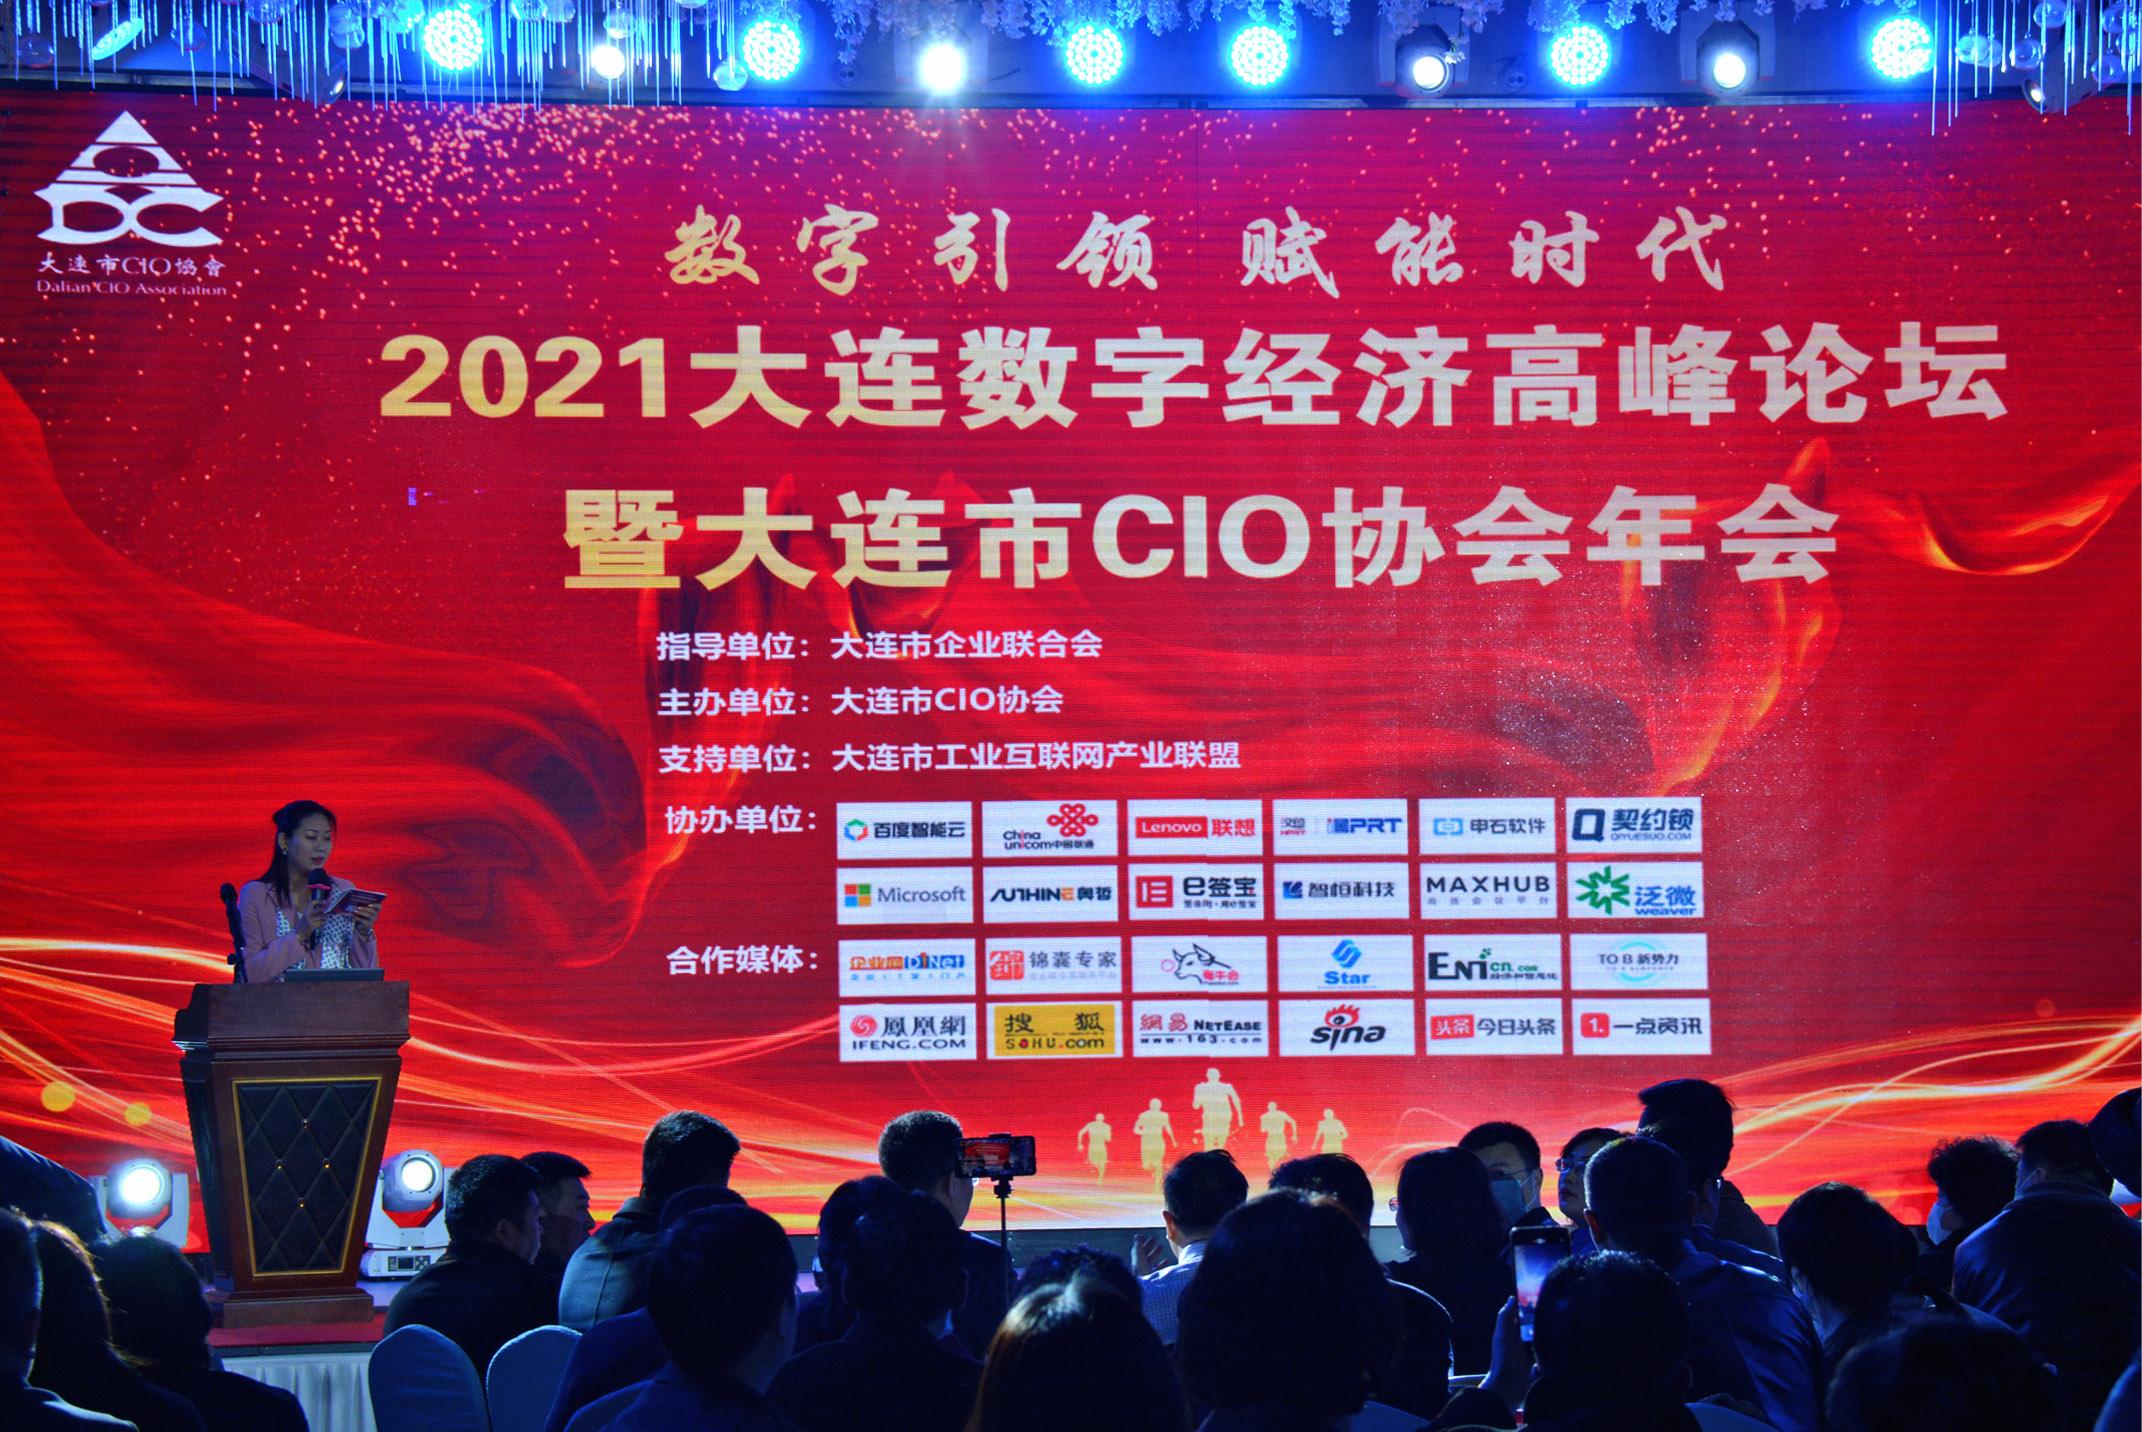 2021大连数字经济高峰论坛暨大连市CIO协会年会盛大召开